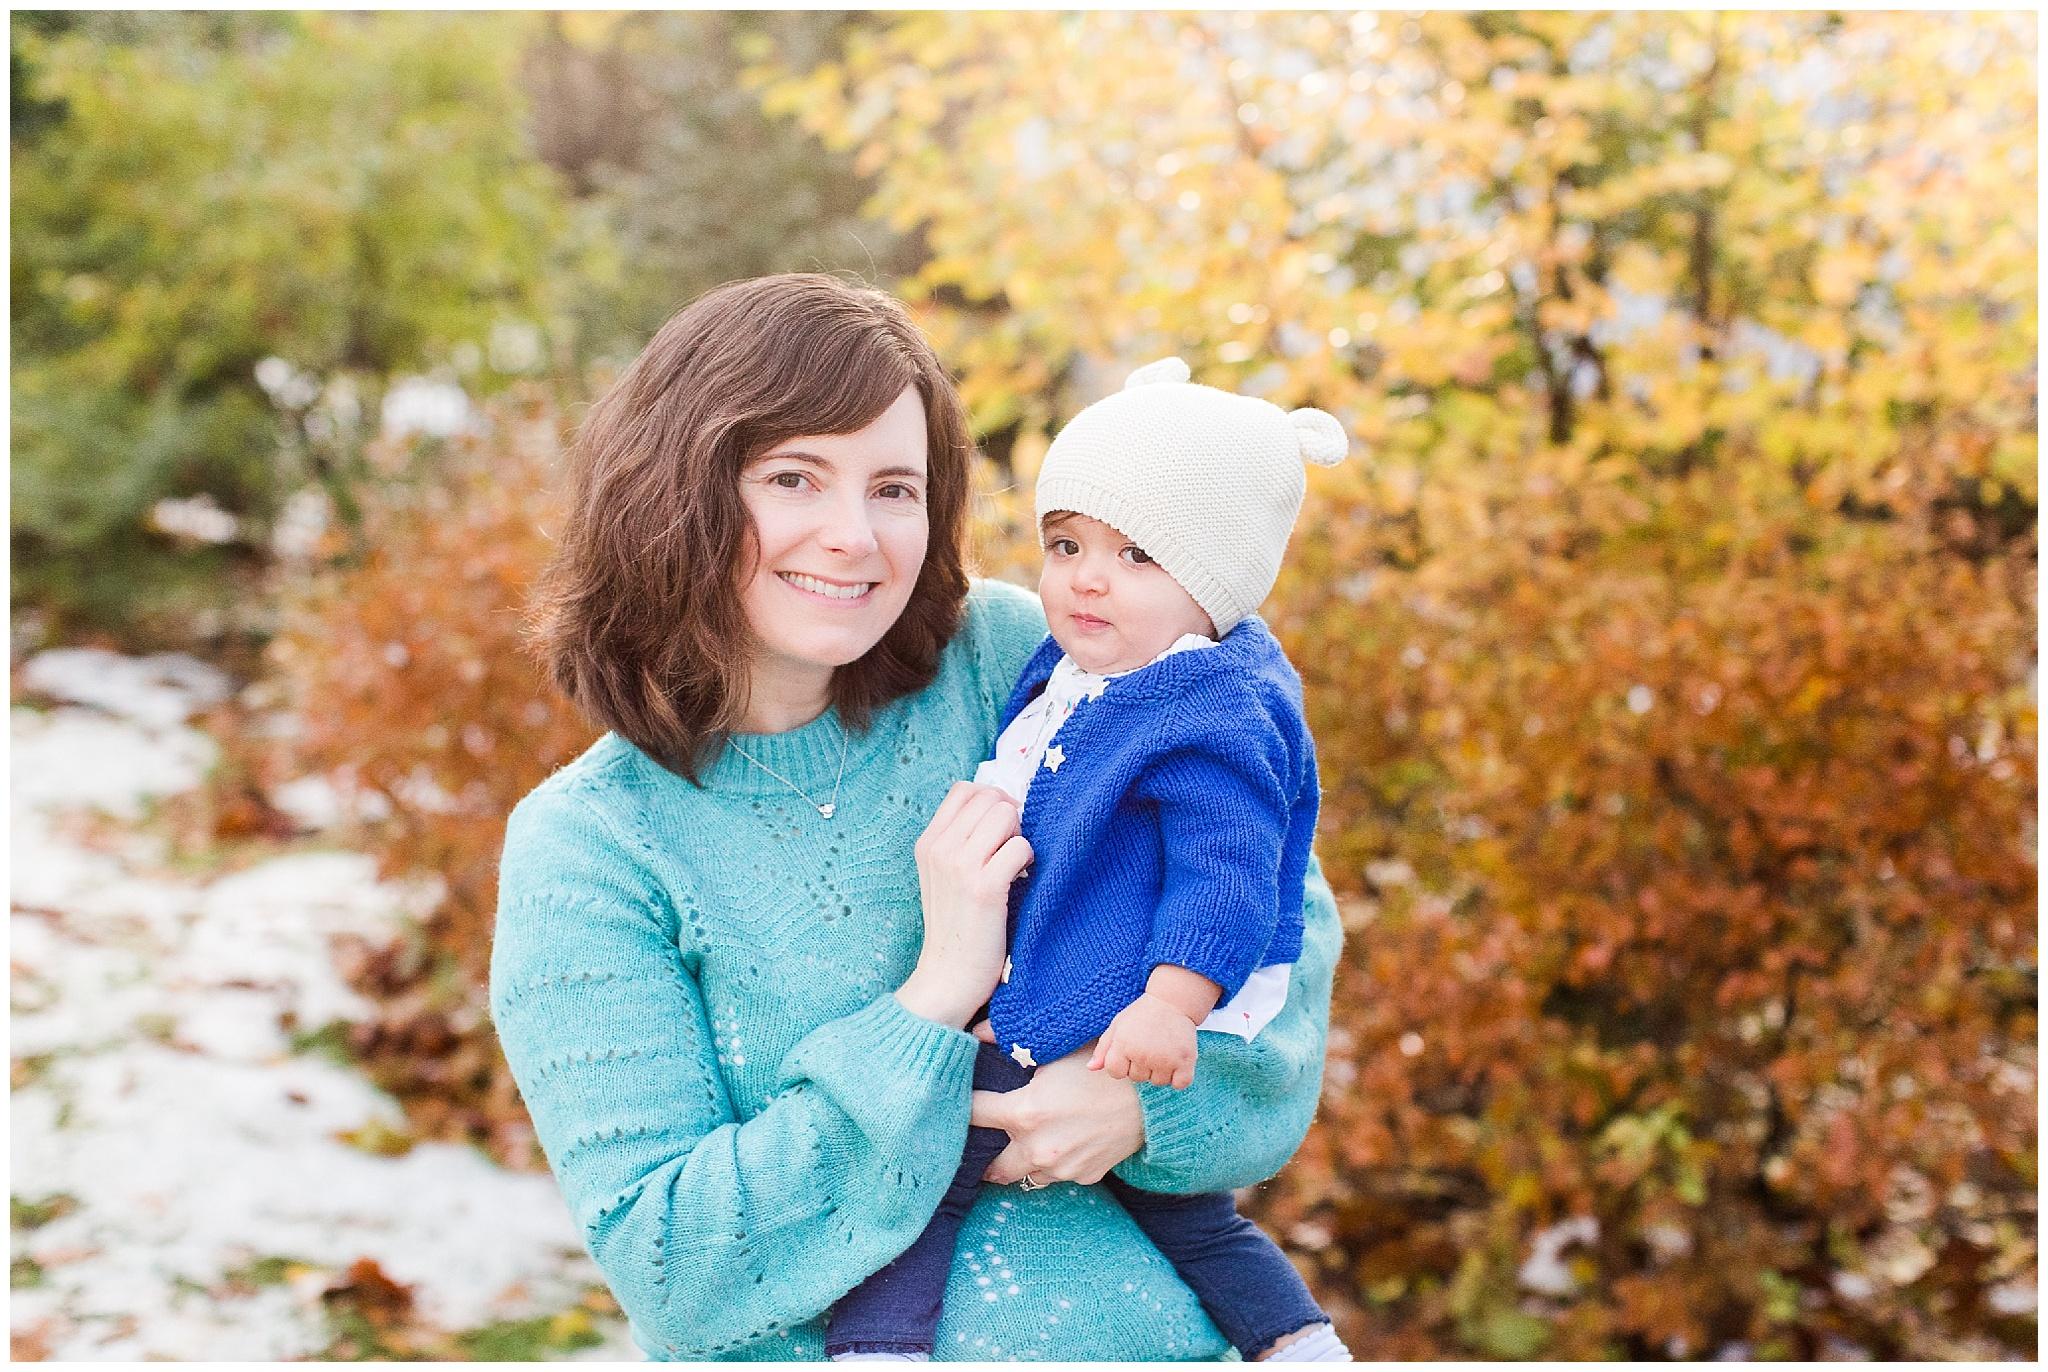 archer_familyphotos_0017.jpg